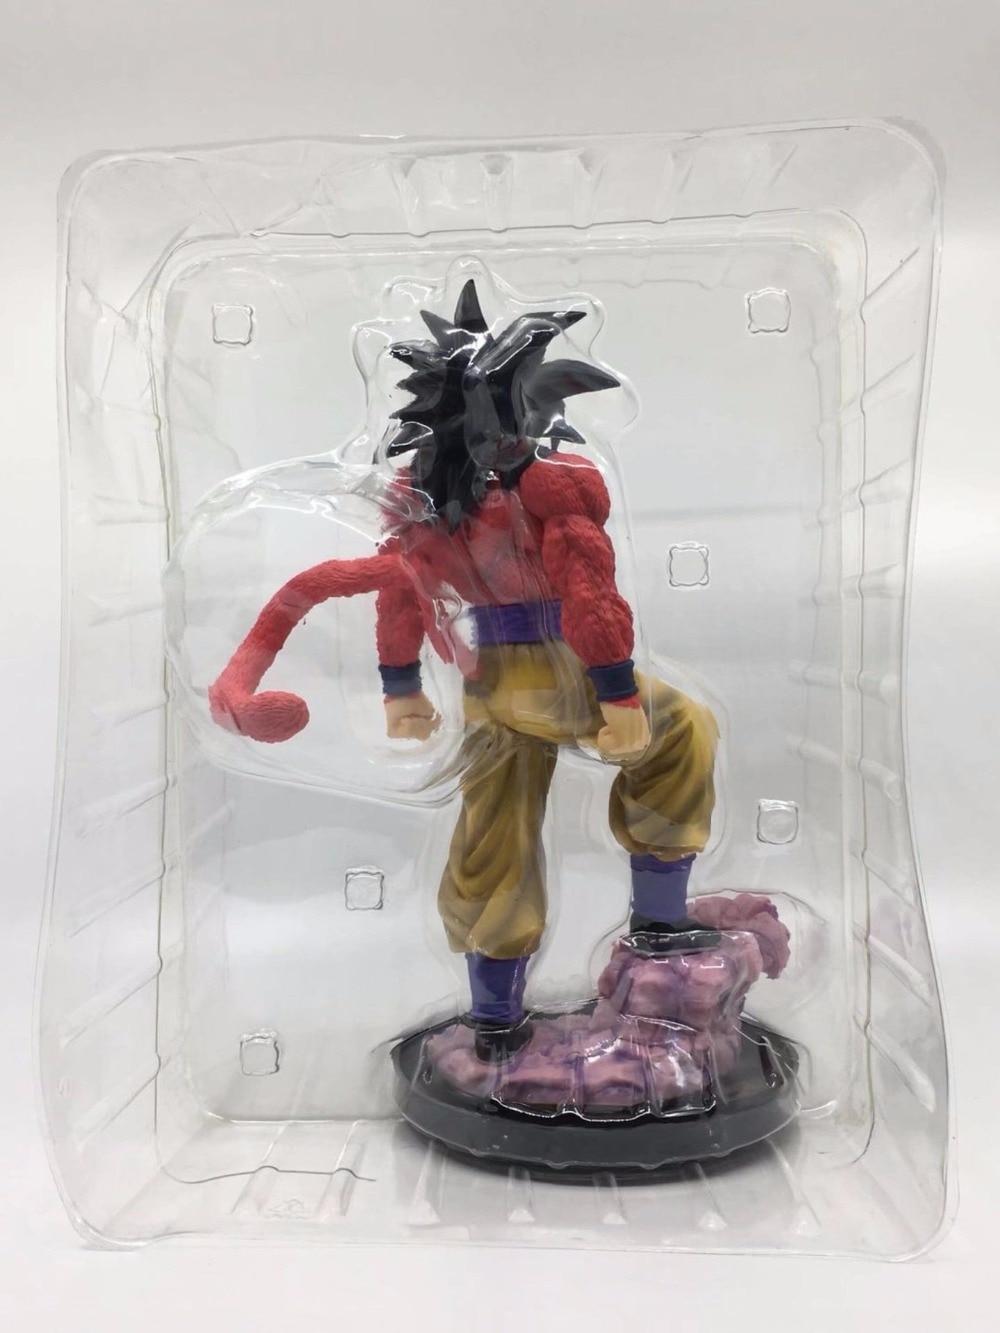 NEW hot 28cm Dragon Ball GT Super Saiyan 4 Son Goku Kakarotto Action figure collection toys doll Christmas gift no box